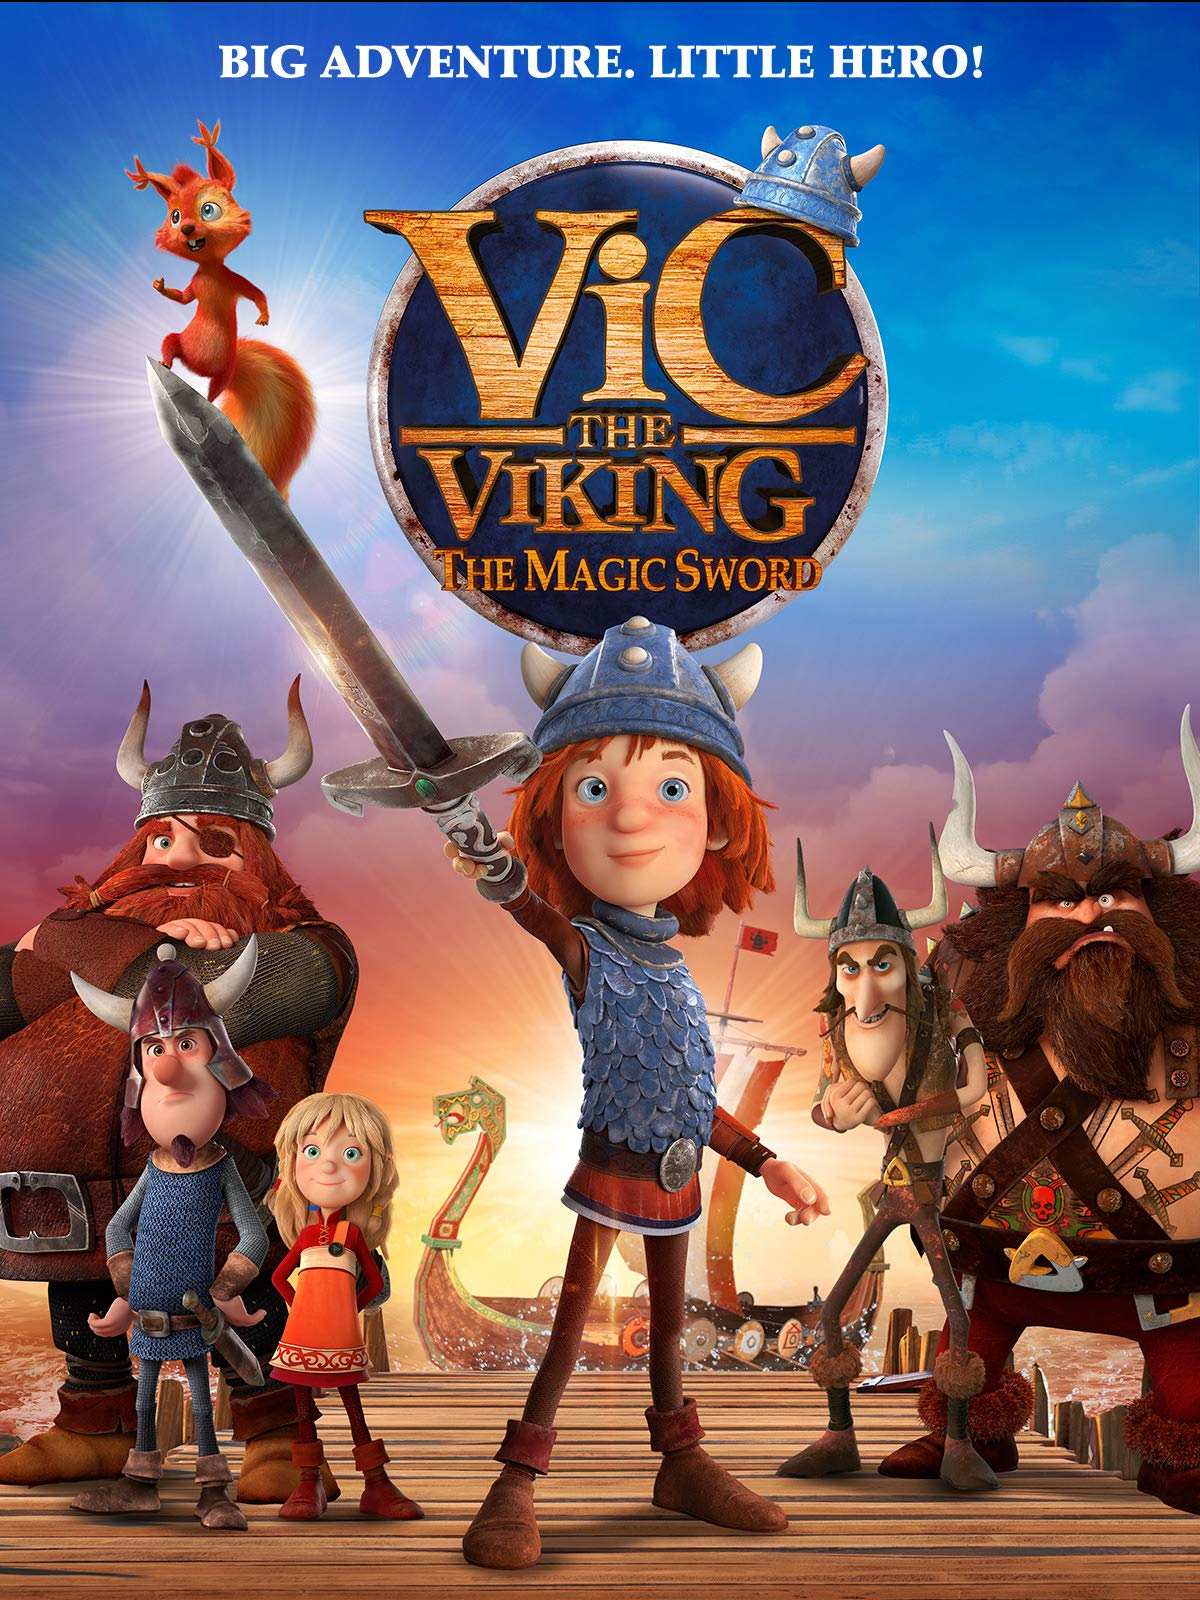 Vic the Viking: The Magic Sword